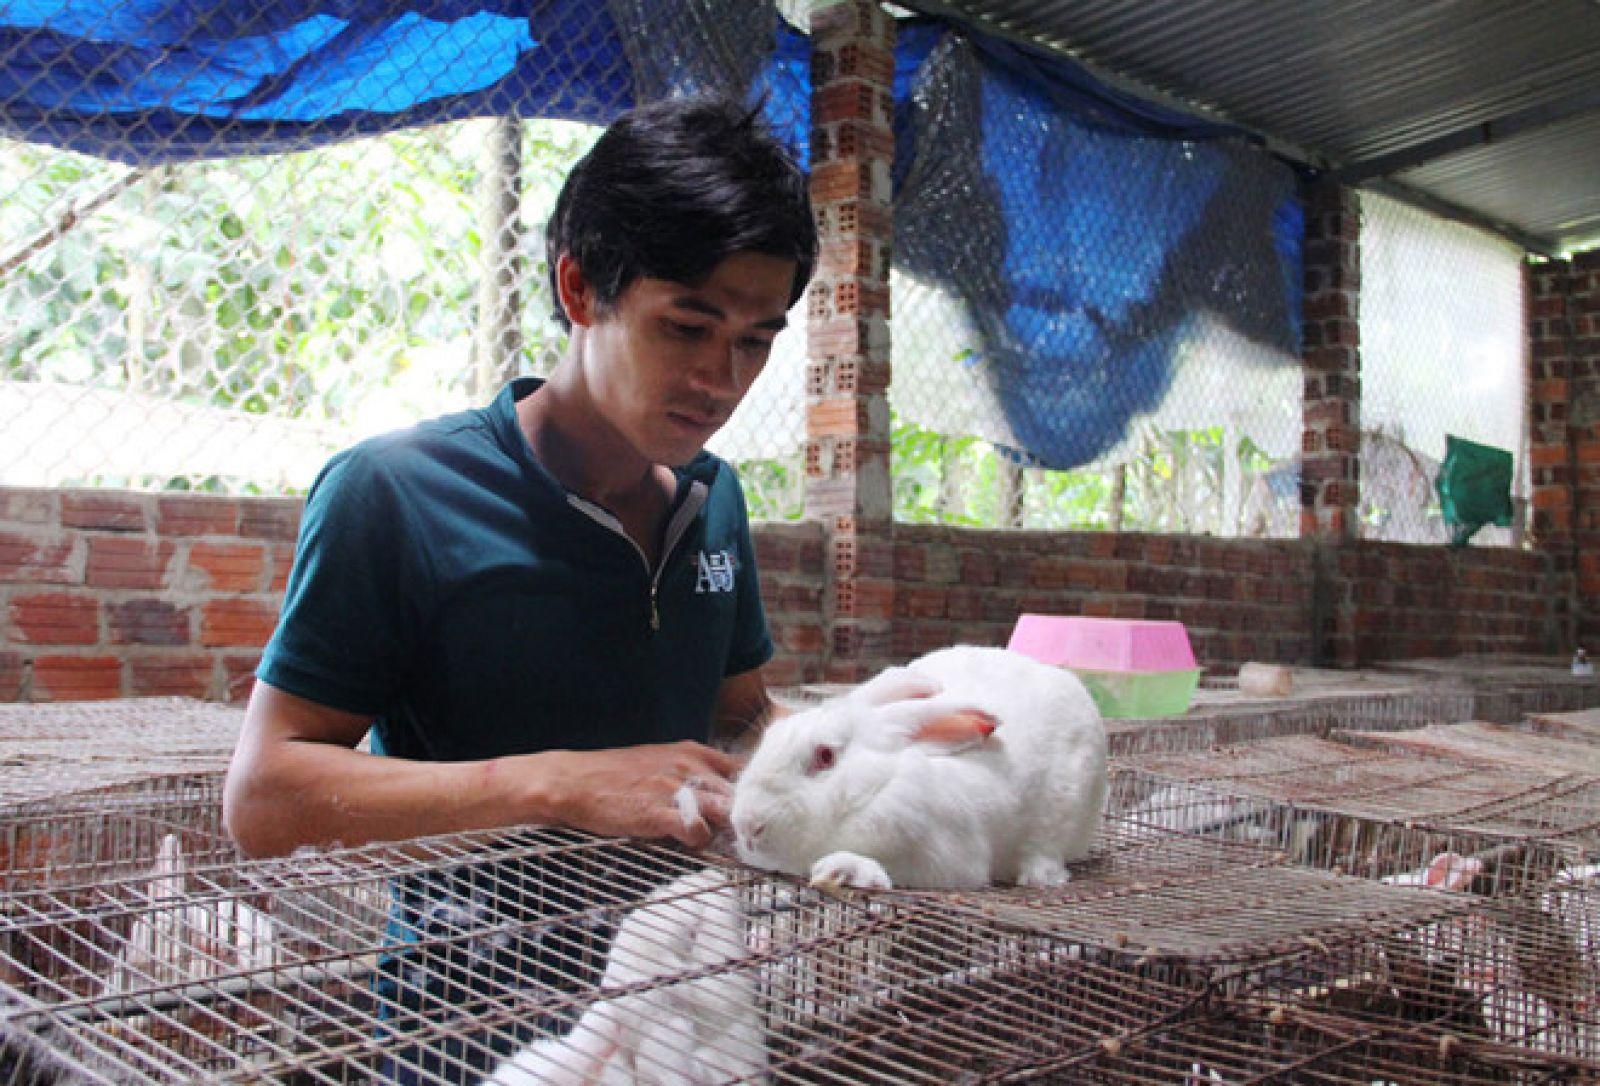 Anh Thành chăm sóc thỏ trong trang trại; Ảnh Mạnh Cường